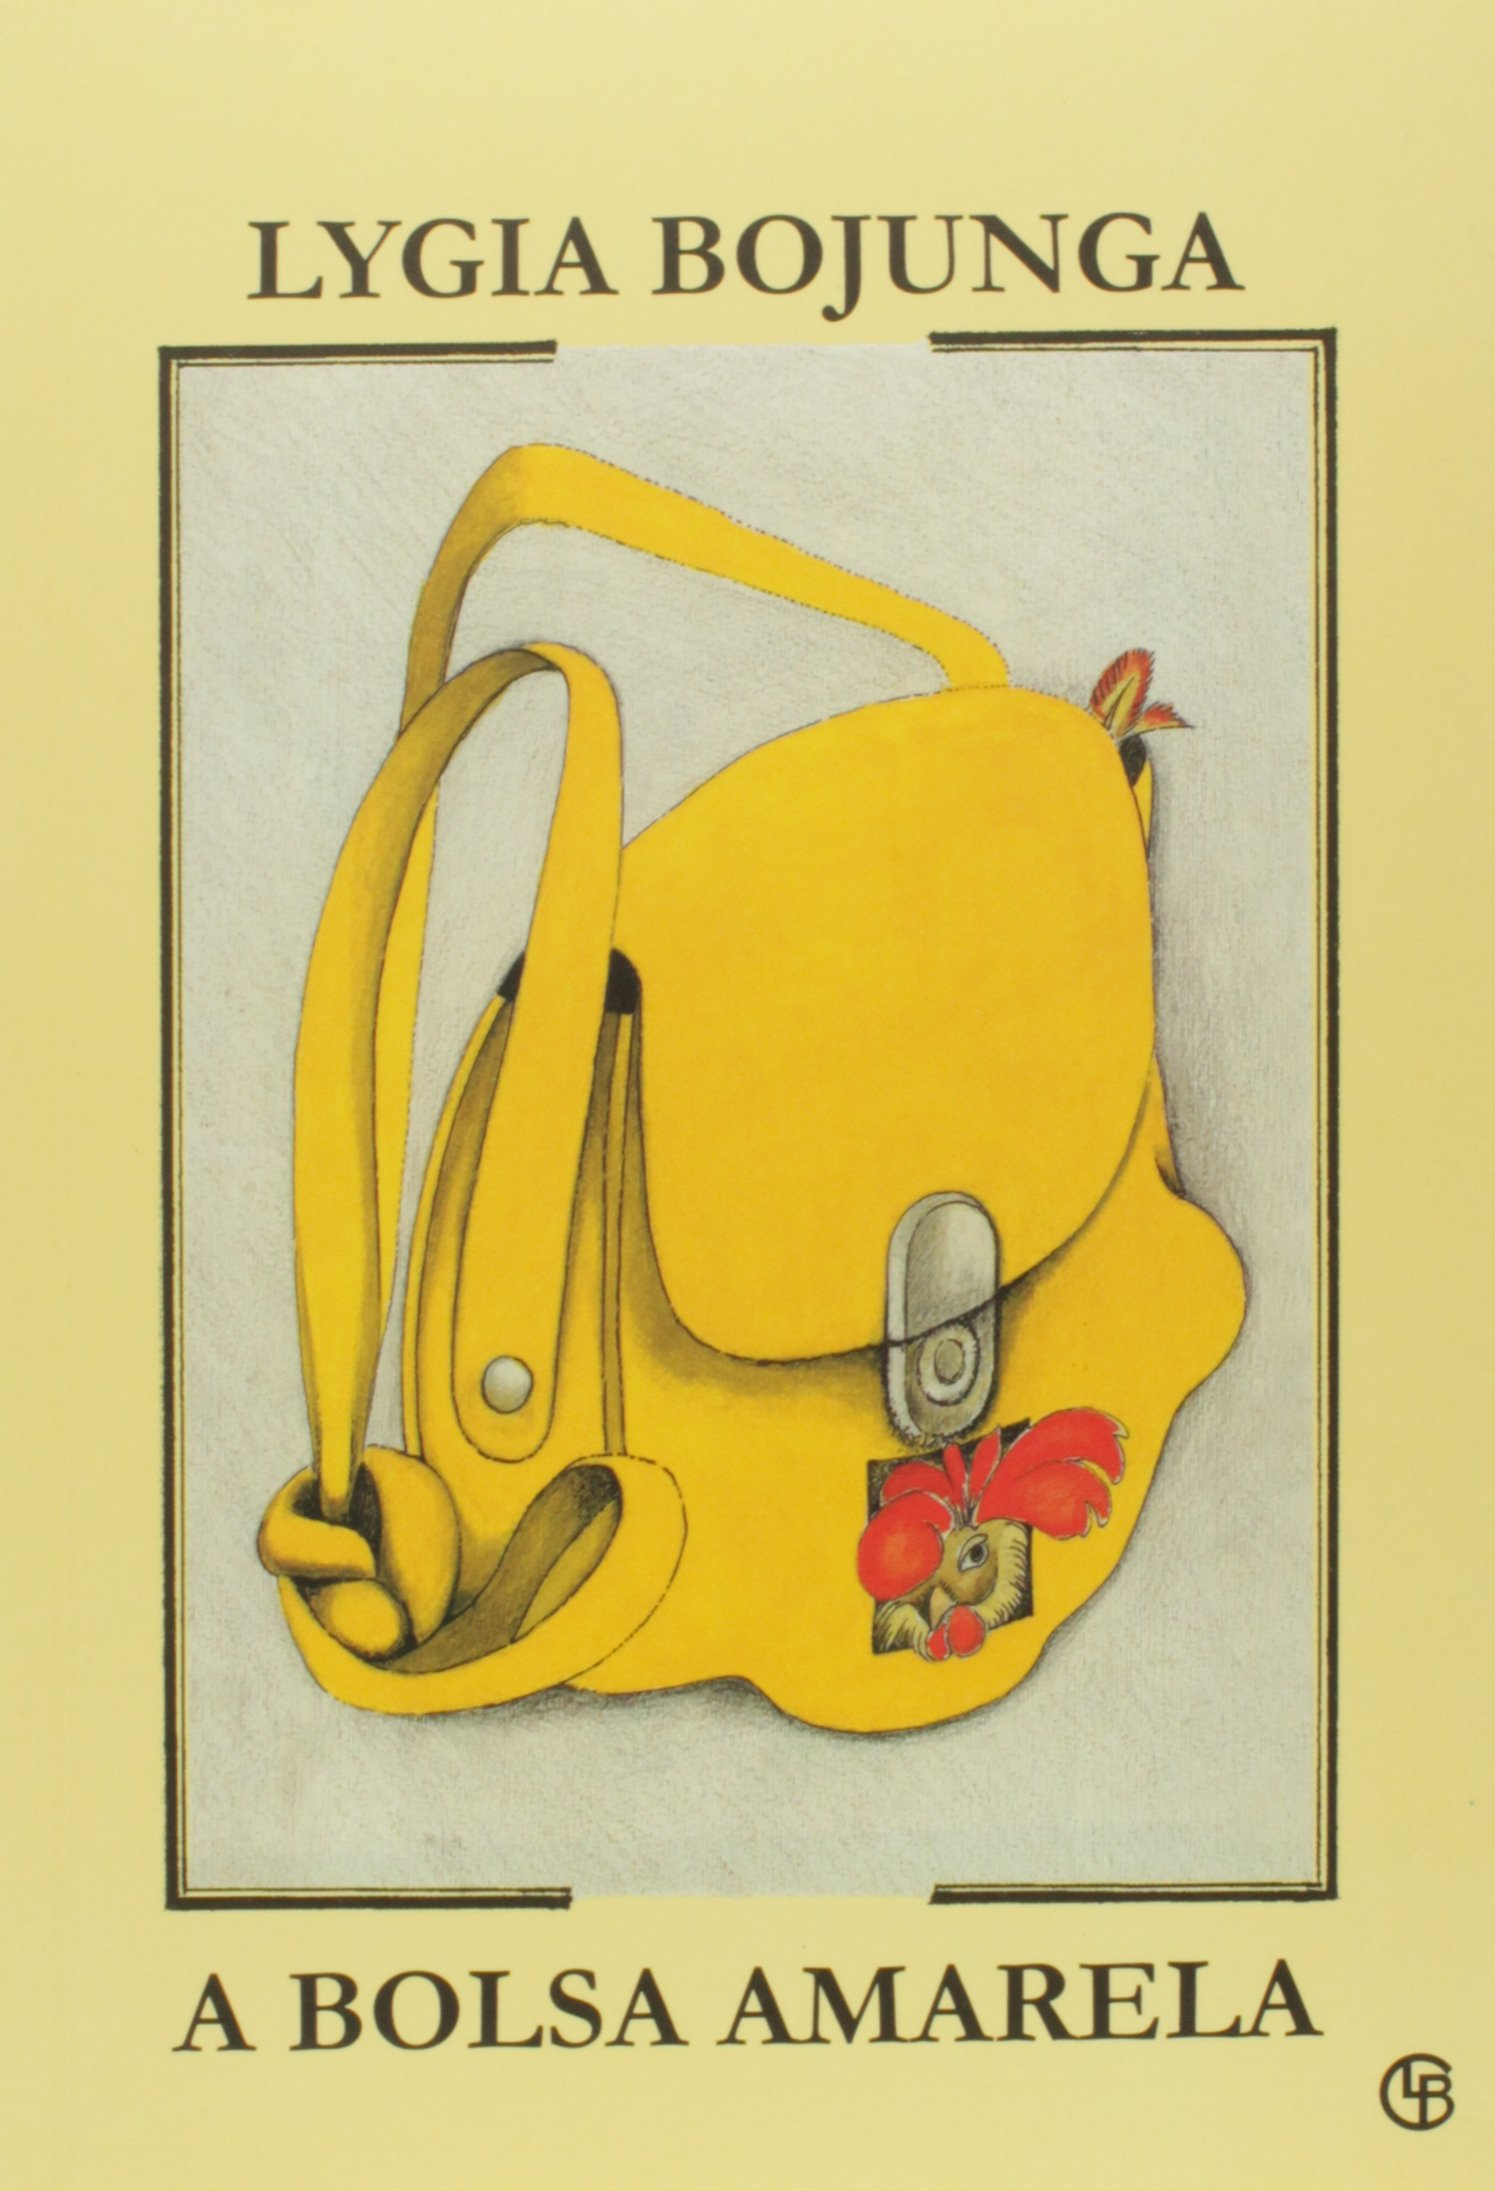 A Bolsa Amarela, Revisitando Bojunga